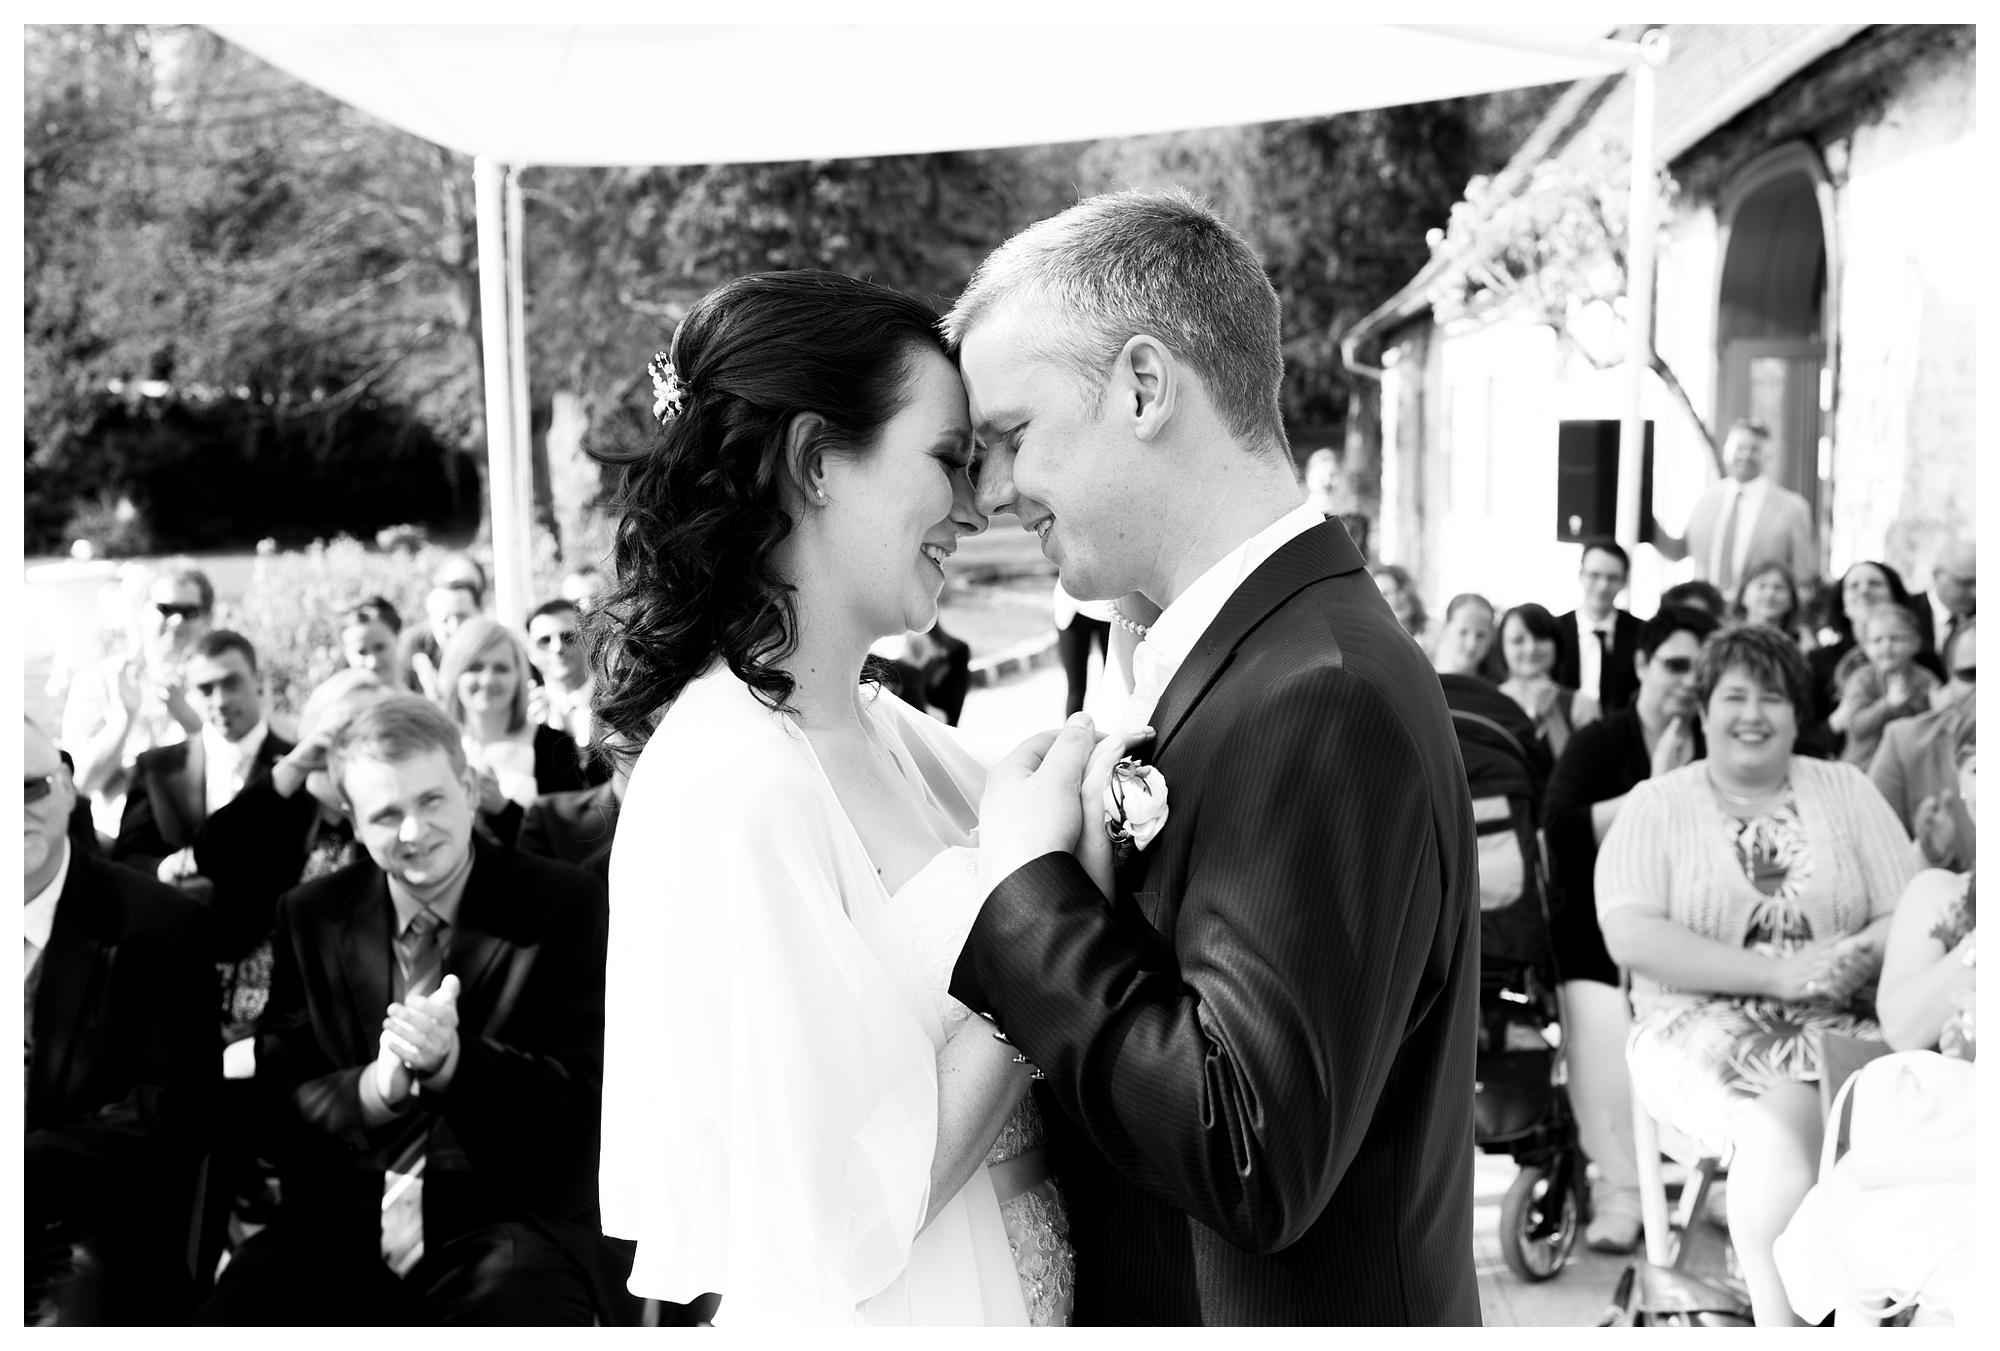 Fotograf Konstanz - Best of 2014 Elmar Feuerbacher Photography Hochzeit Portrait 019 - Rückblick auf 2014  - 90 -